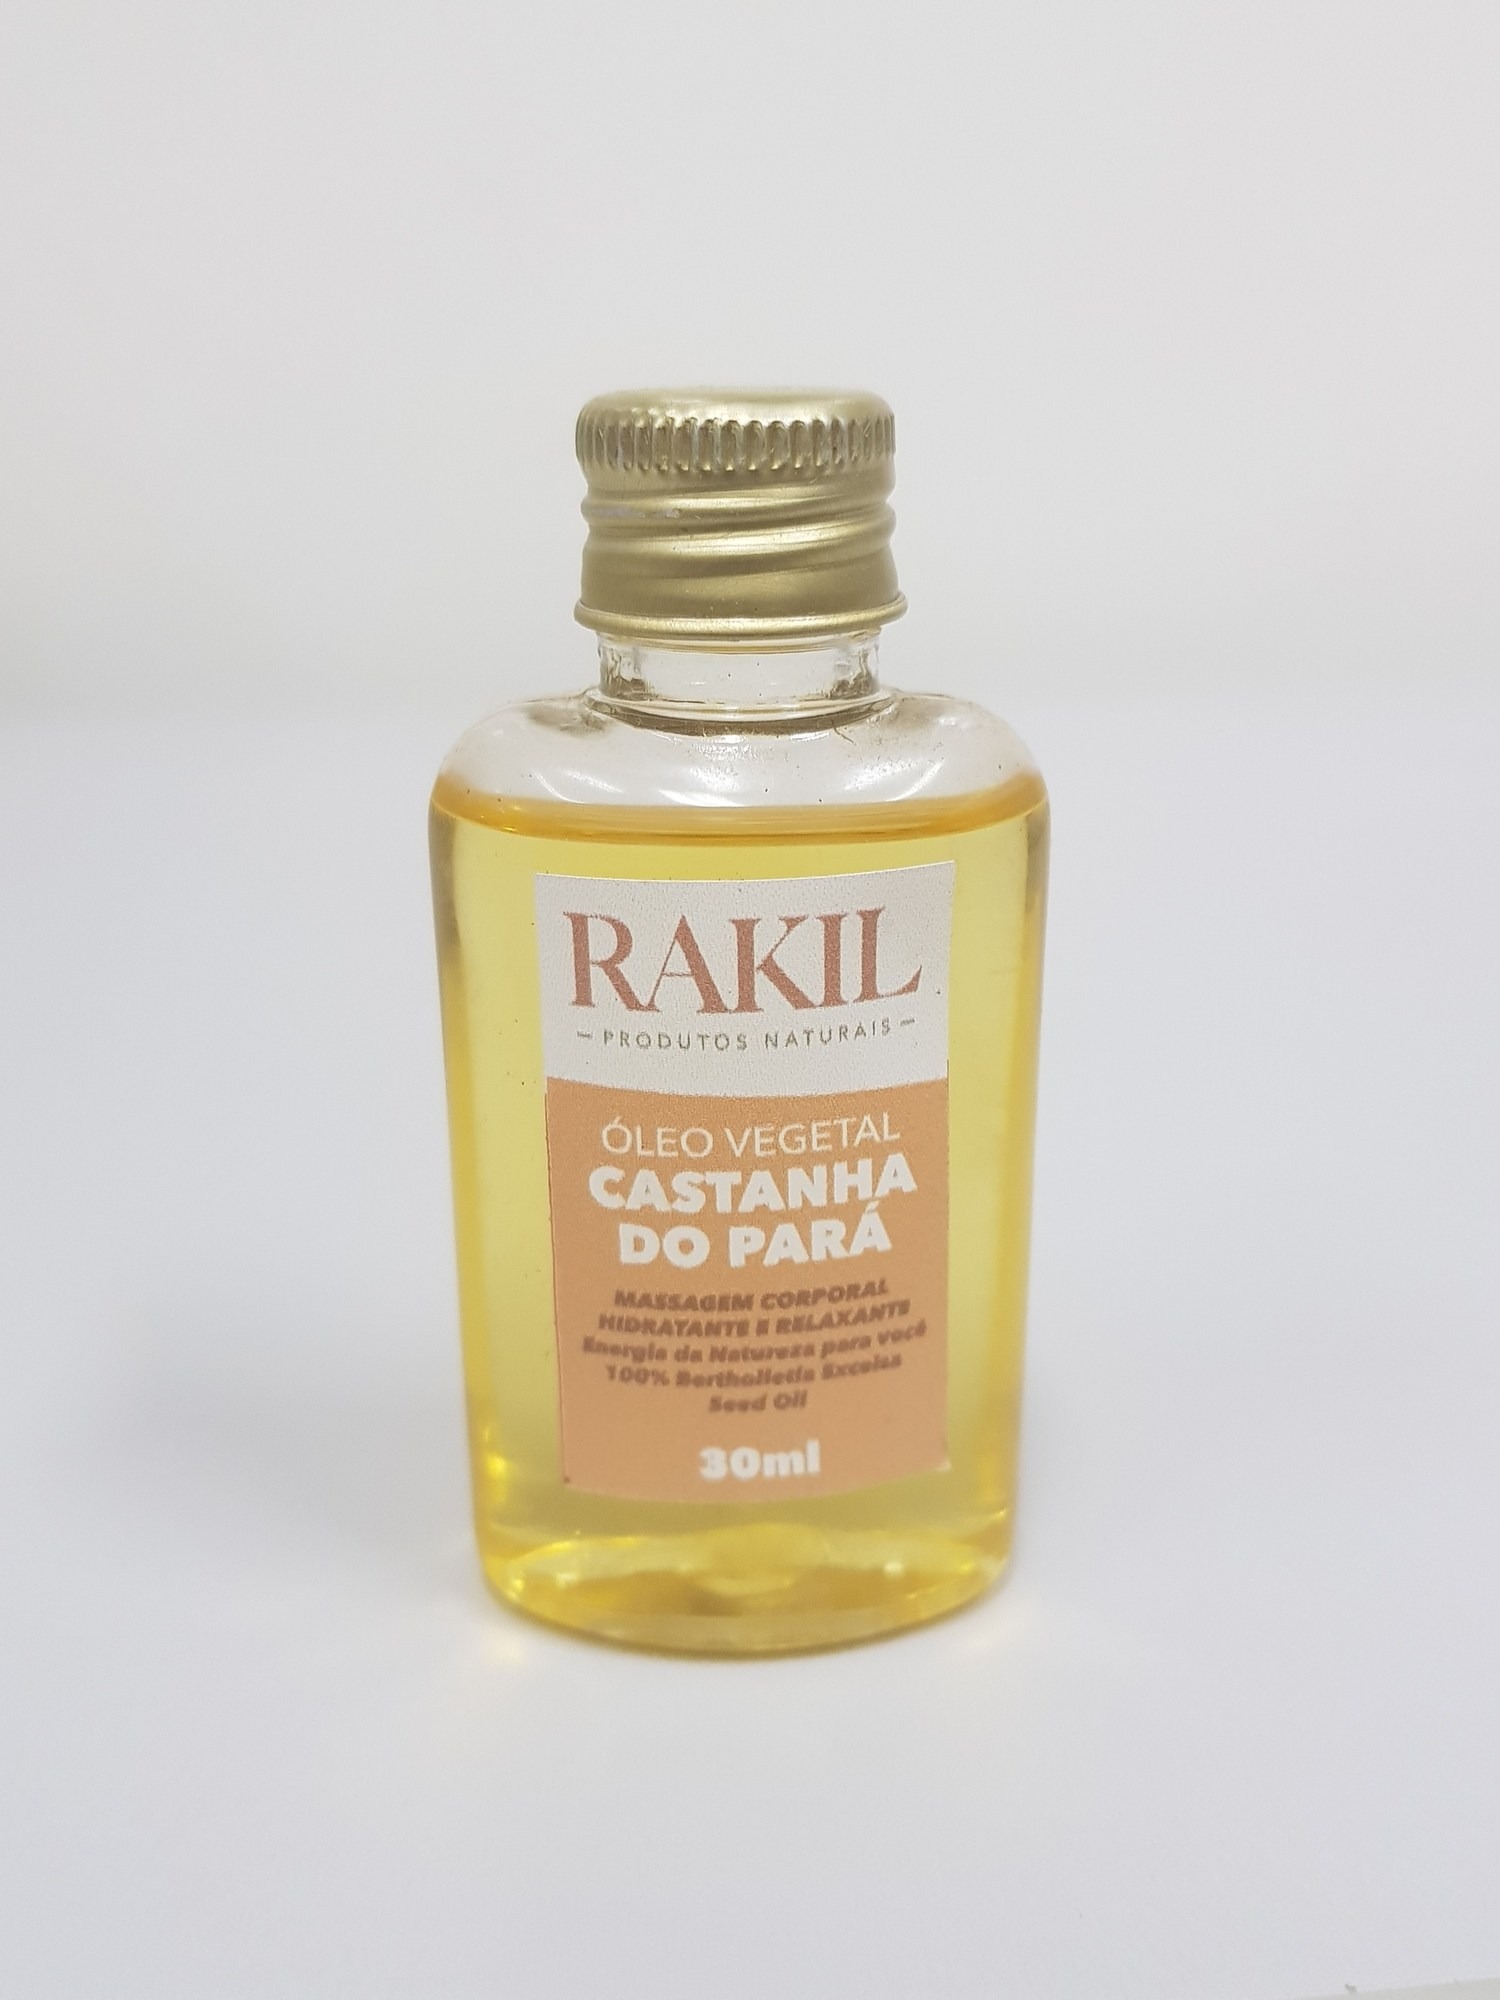 ÓLEO VEGETAL CASTANHA DO PARÁ 30 ml